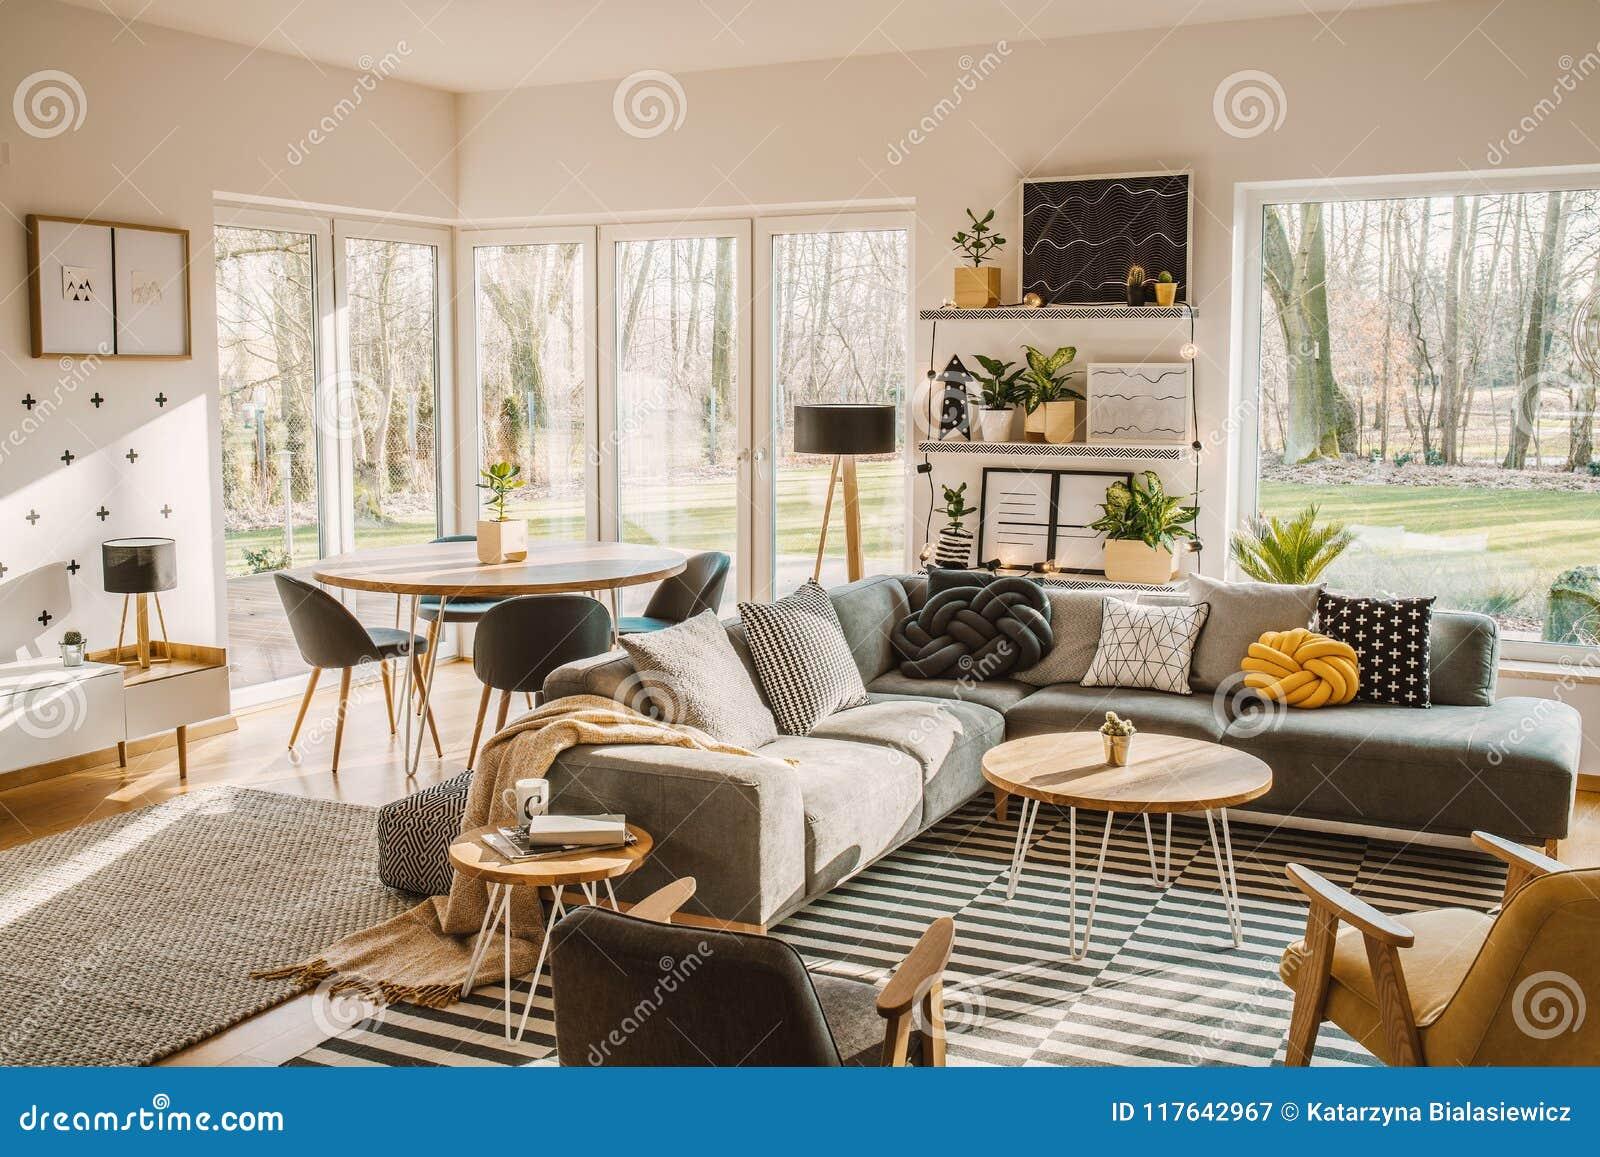 Table de salle à manger en bois et ronde dans le coin d une vie de l espace ouvert